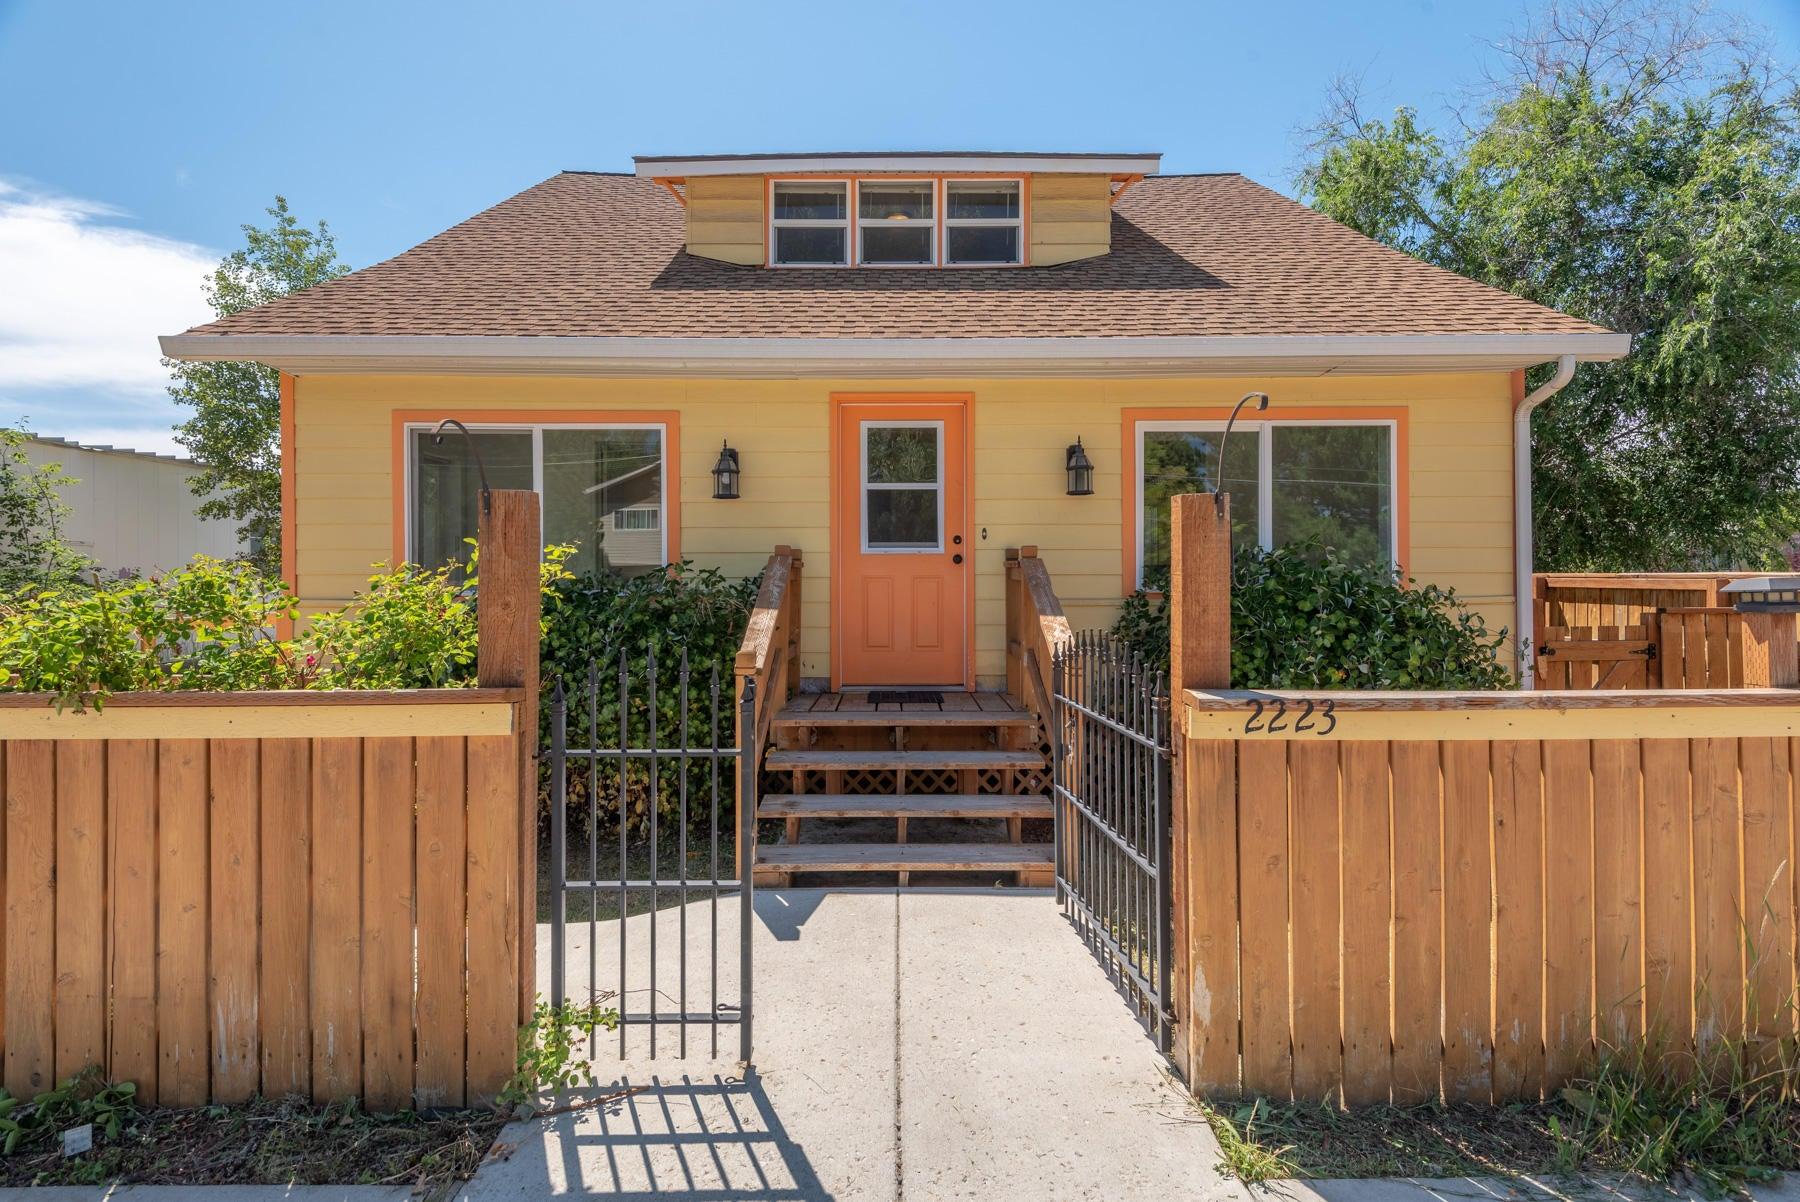 2223 S 3rd Street W, Missoula, MT 59801